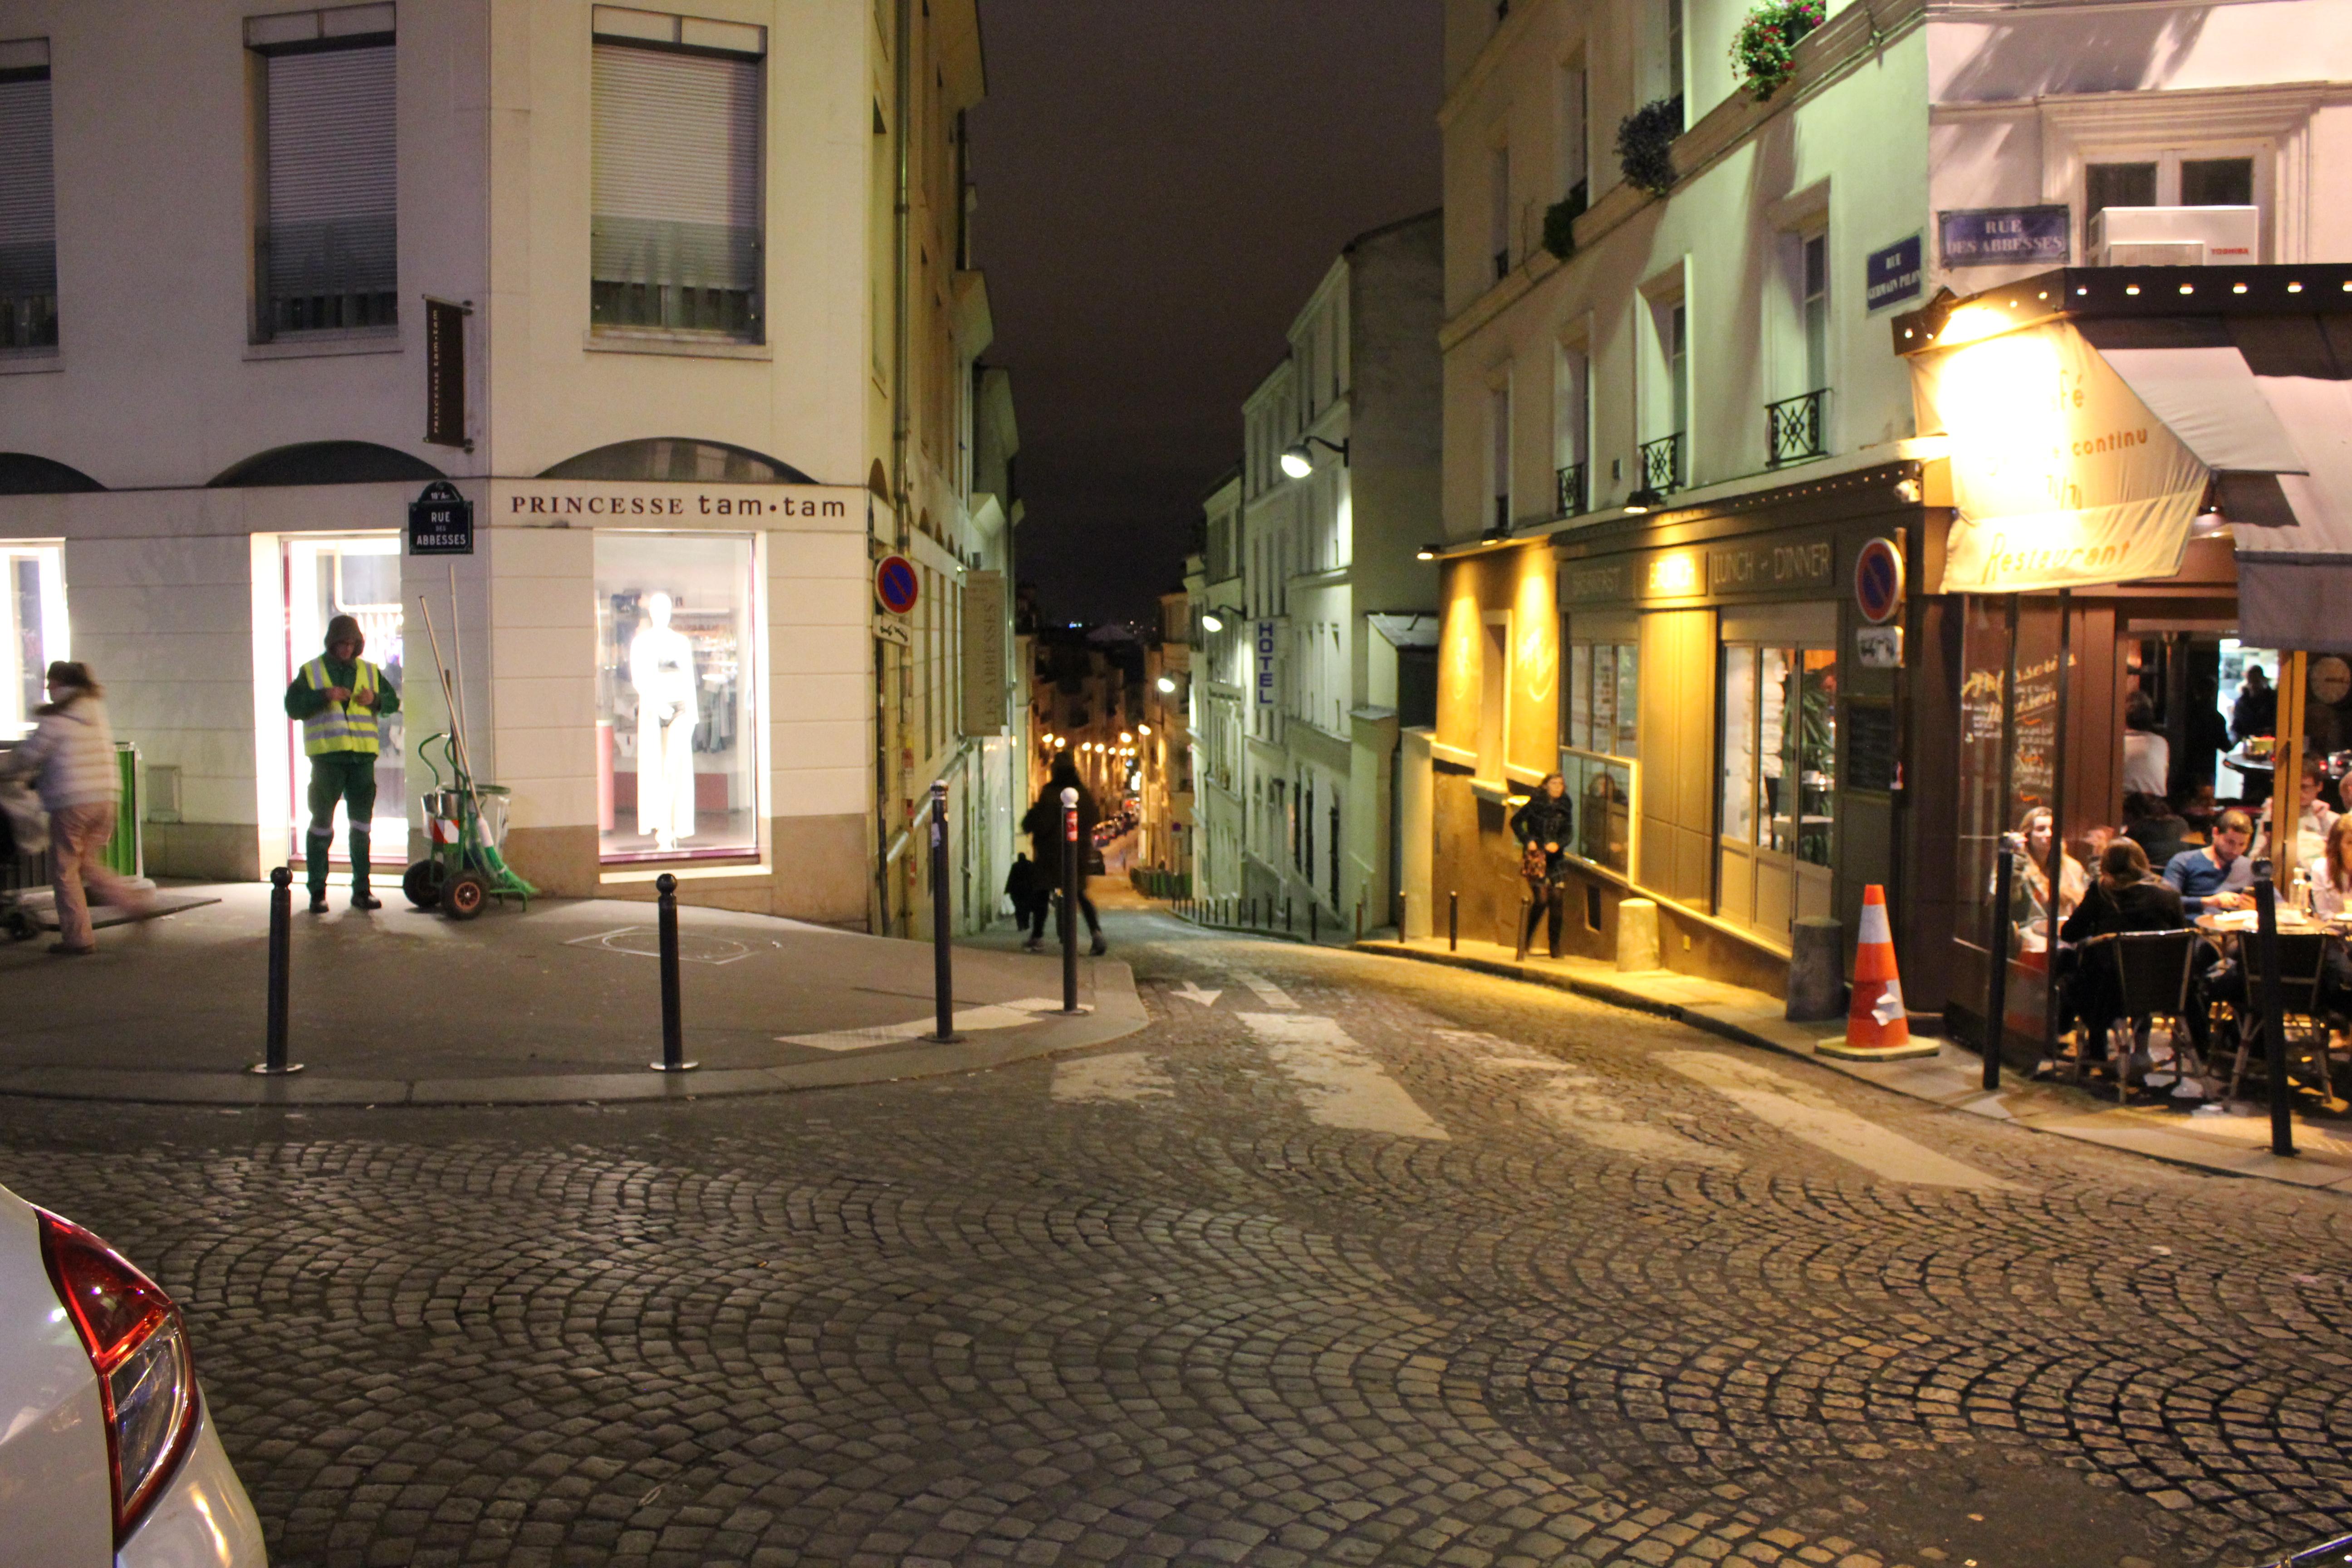 Strsaßenszene-Paris-in-der-Nacht